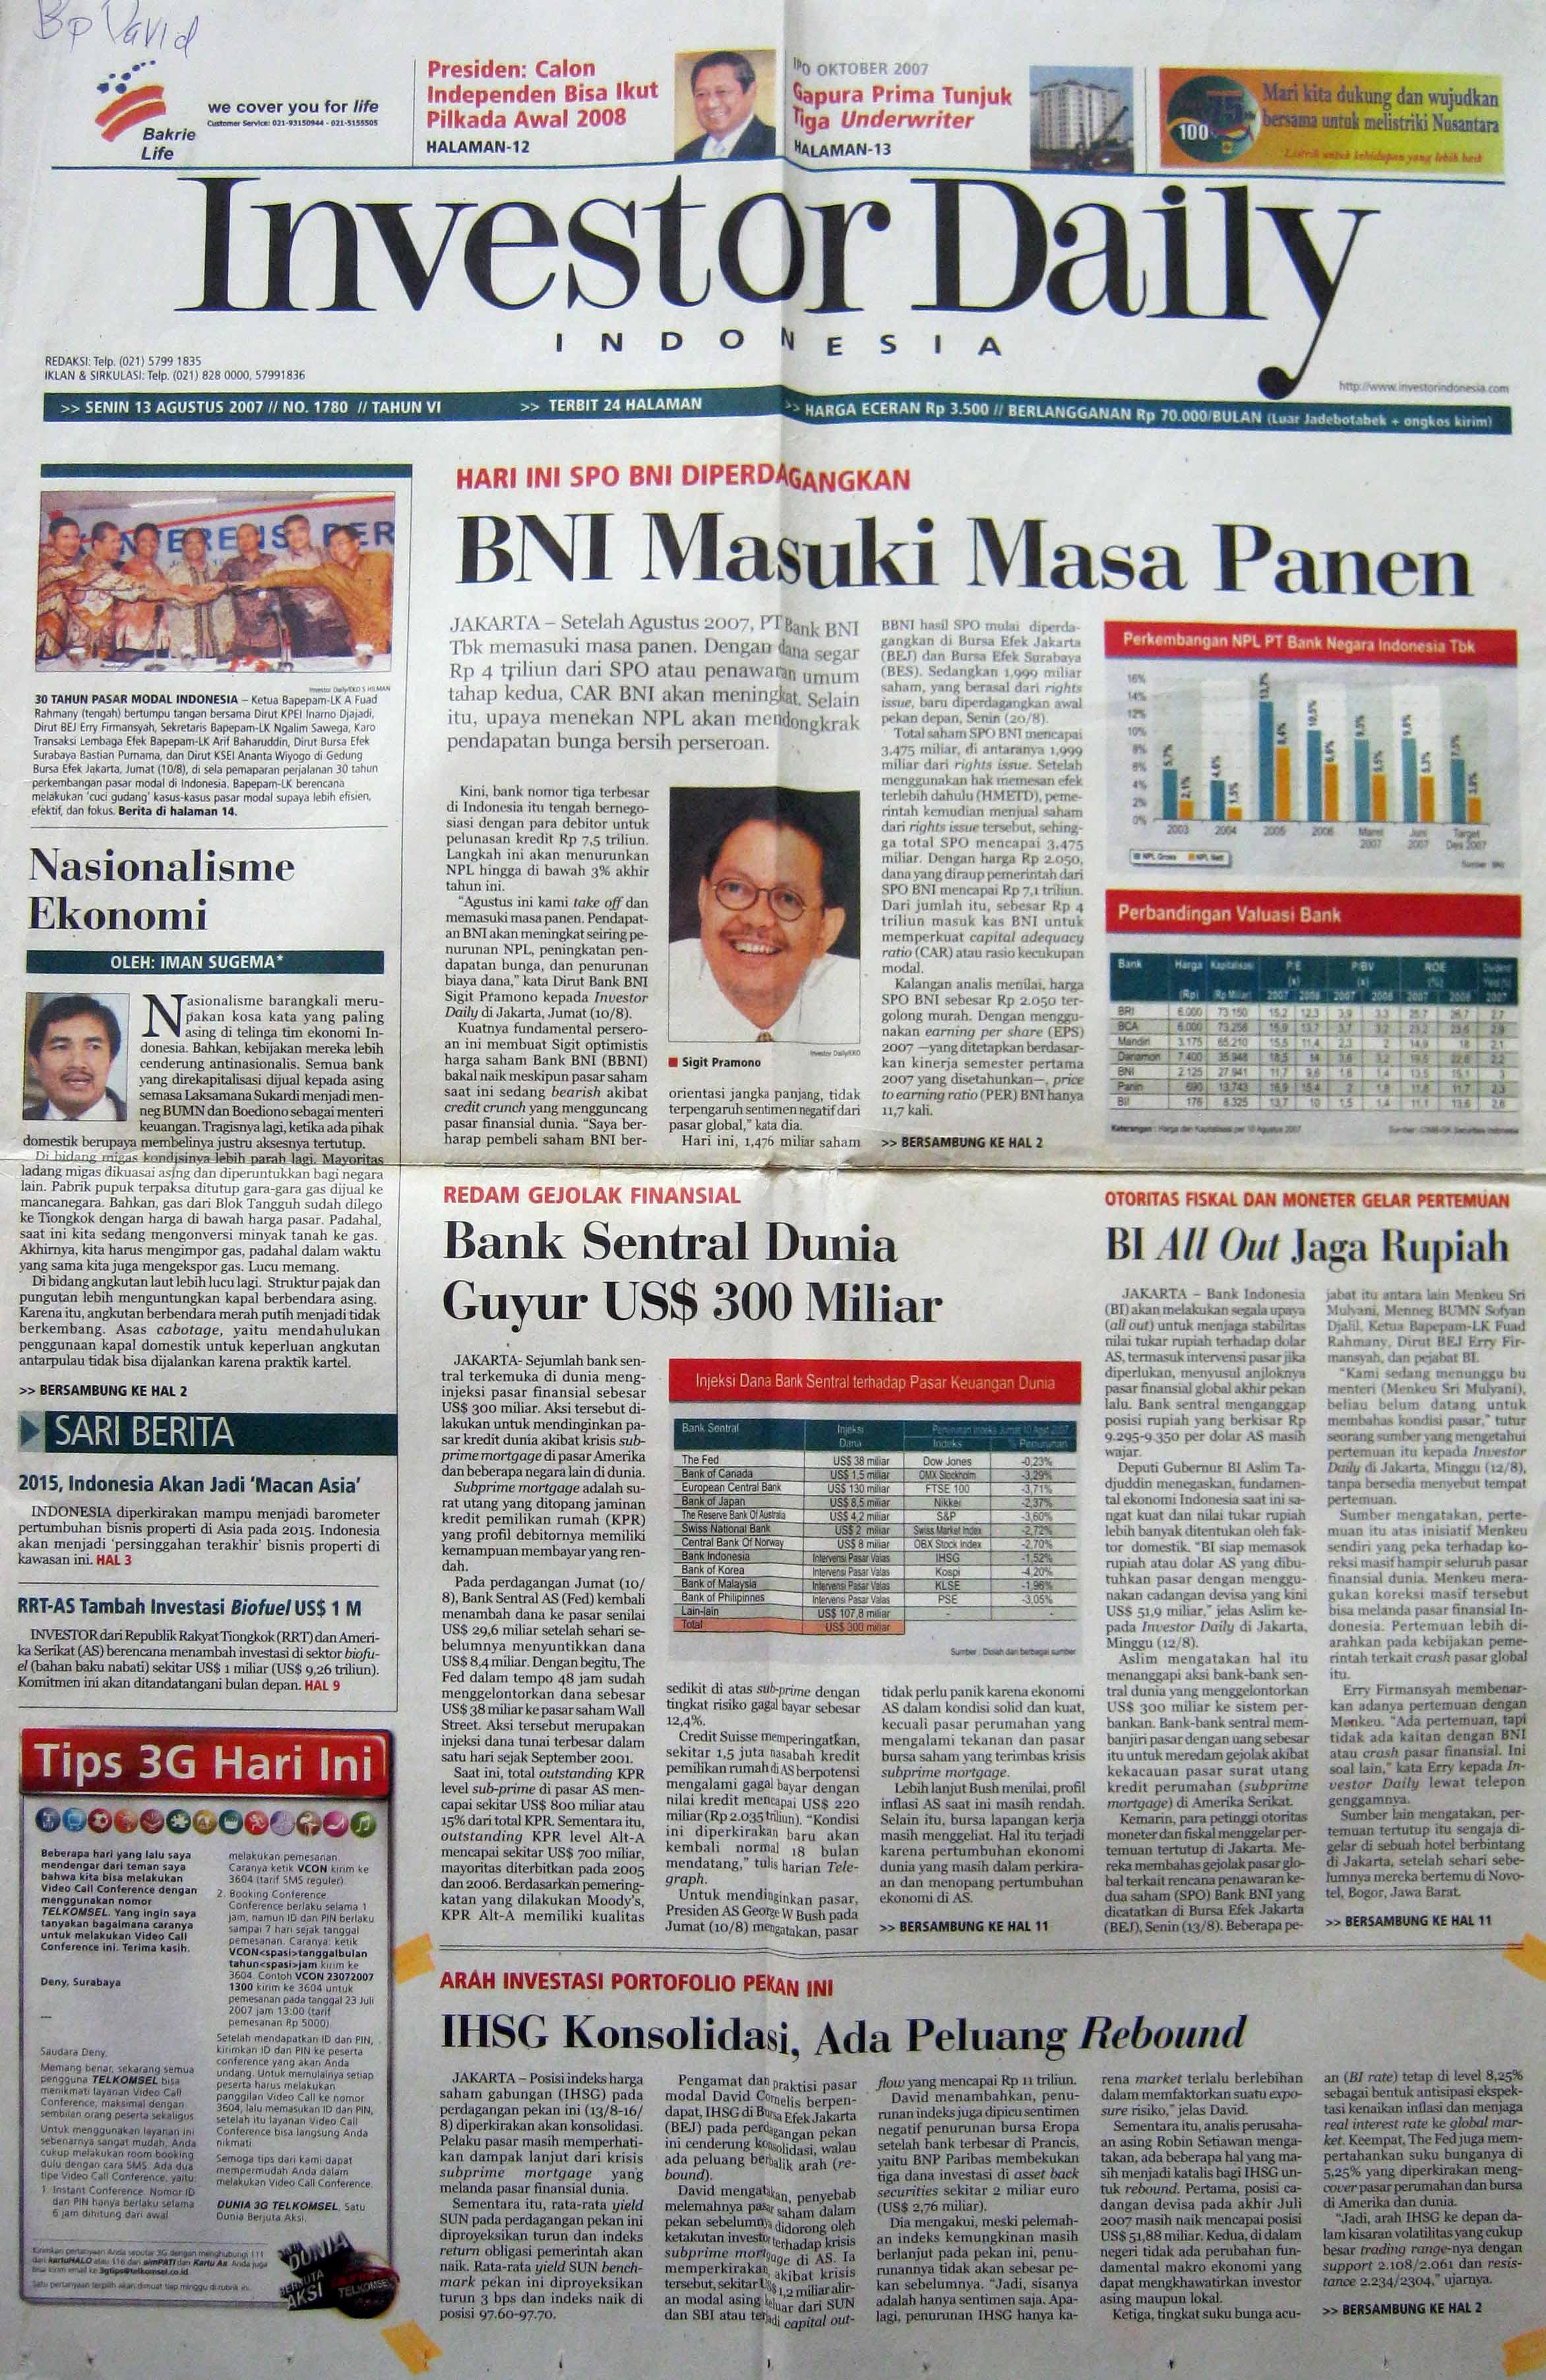 6. 13 Agustus 2007 - IHSG Konsolidasi, Ada Peluang  Rebound